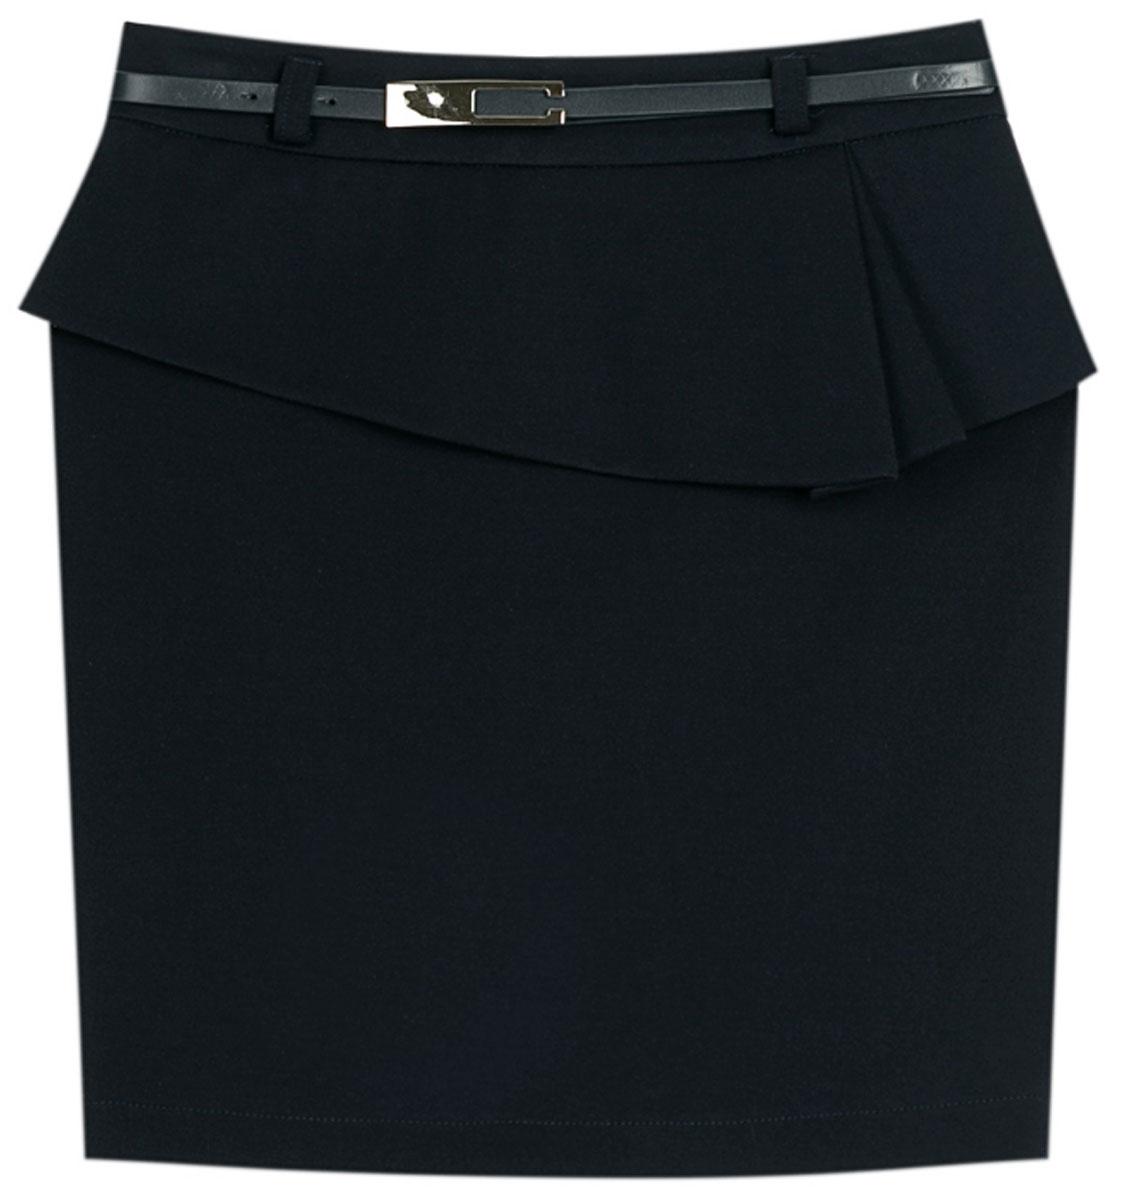 Юбка для девочки Vitacci, цвет: черный. 2173043L-03. Размер 1342173043L-03Стильная юбка для девочки от Vitacci выполнена из вискозы и нейлона с добавлением эластана. Модель дополнена ремешком и баской, застегивается на молнию.